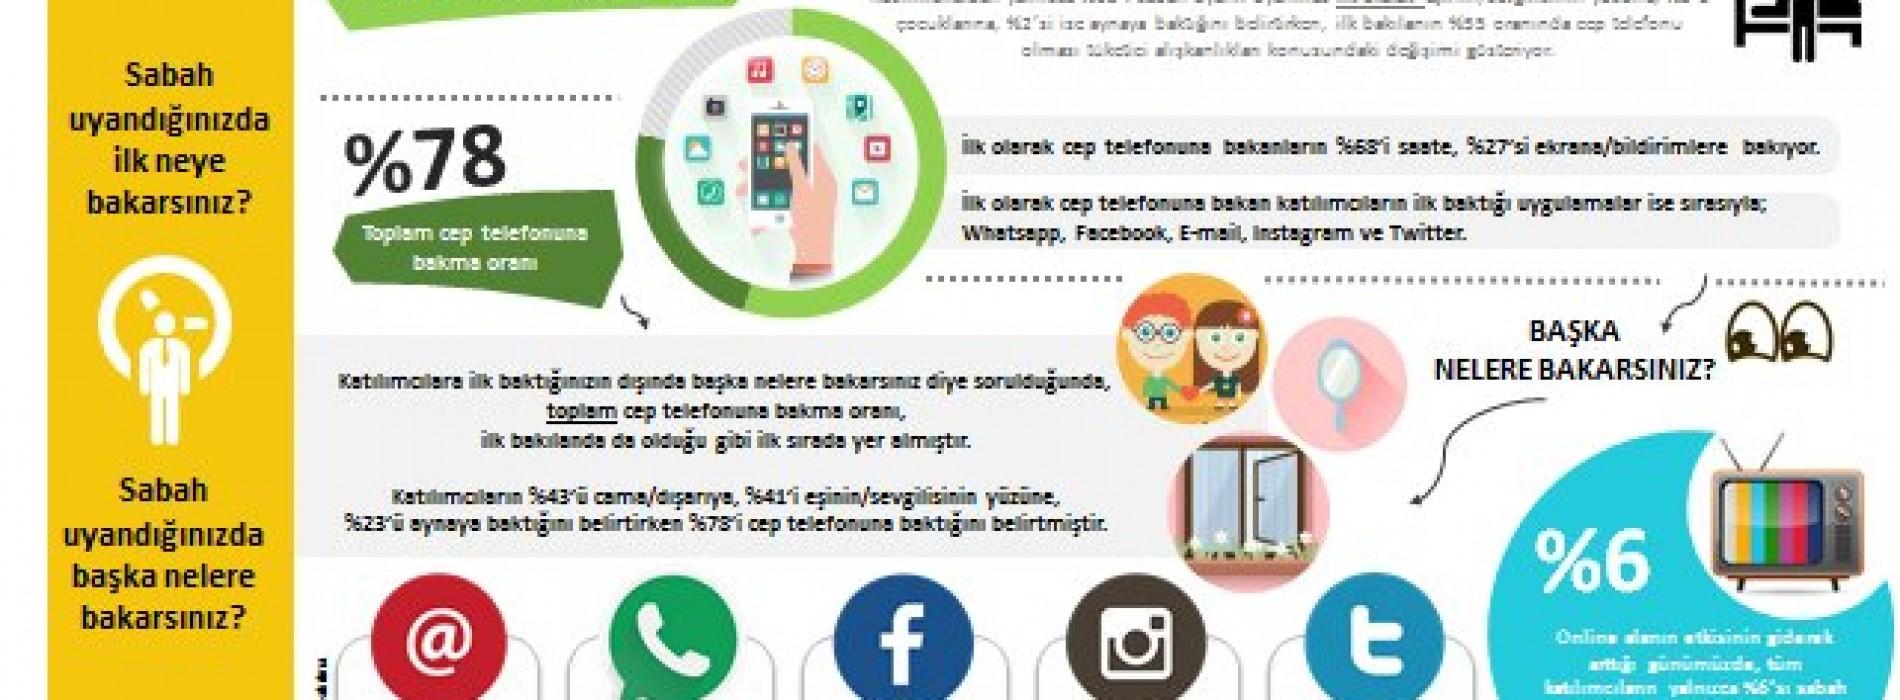 AKILLI TELEFON KULLANIMI ARTIK BAĞIMLILIK DÜZEYİNDE